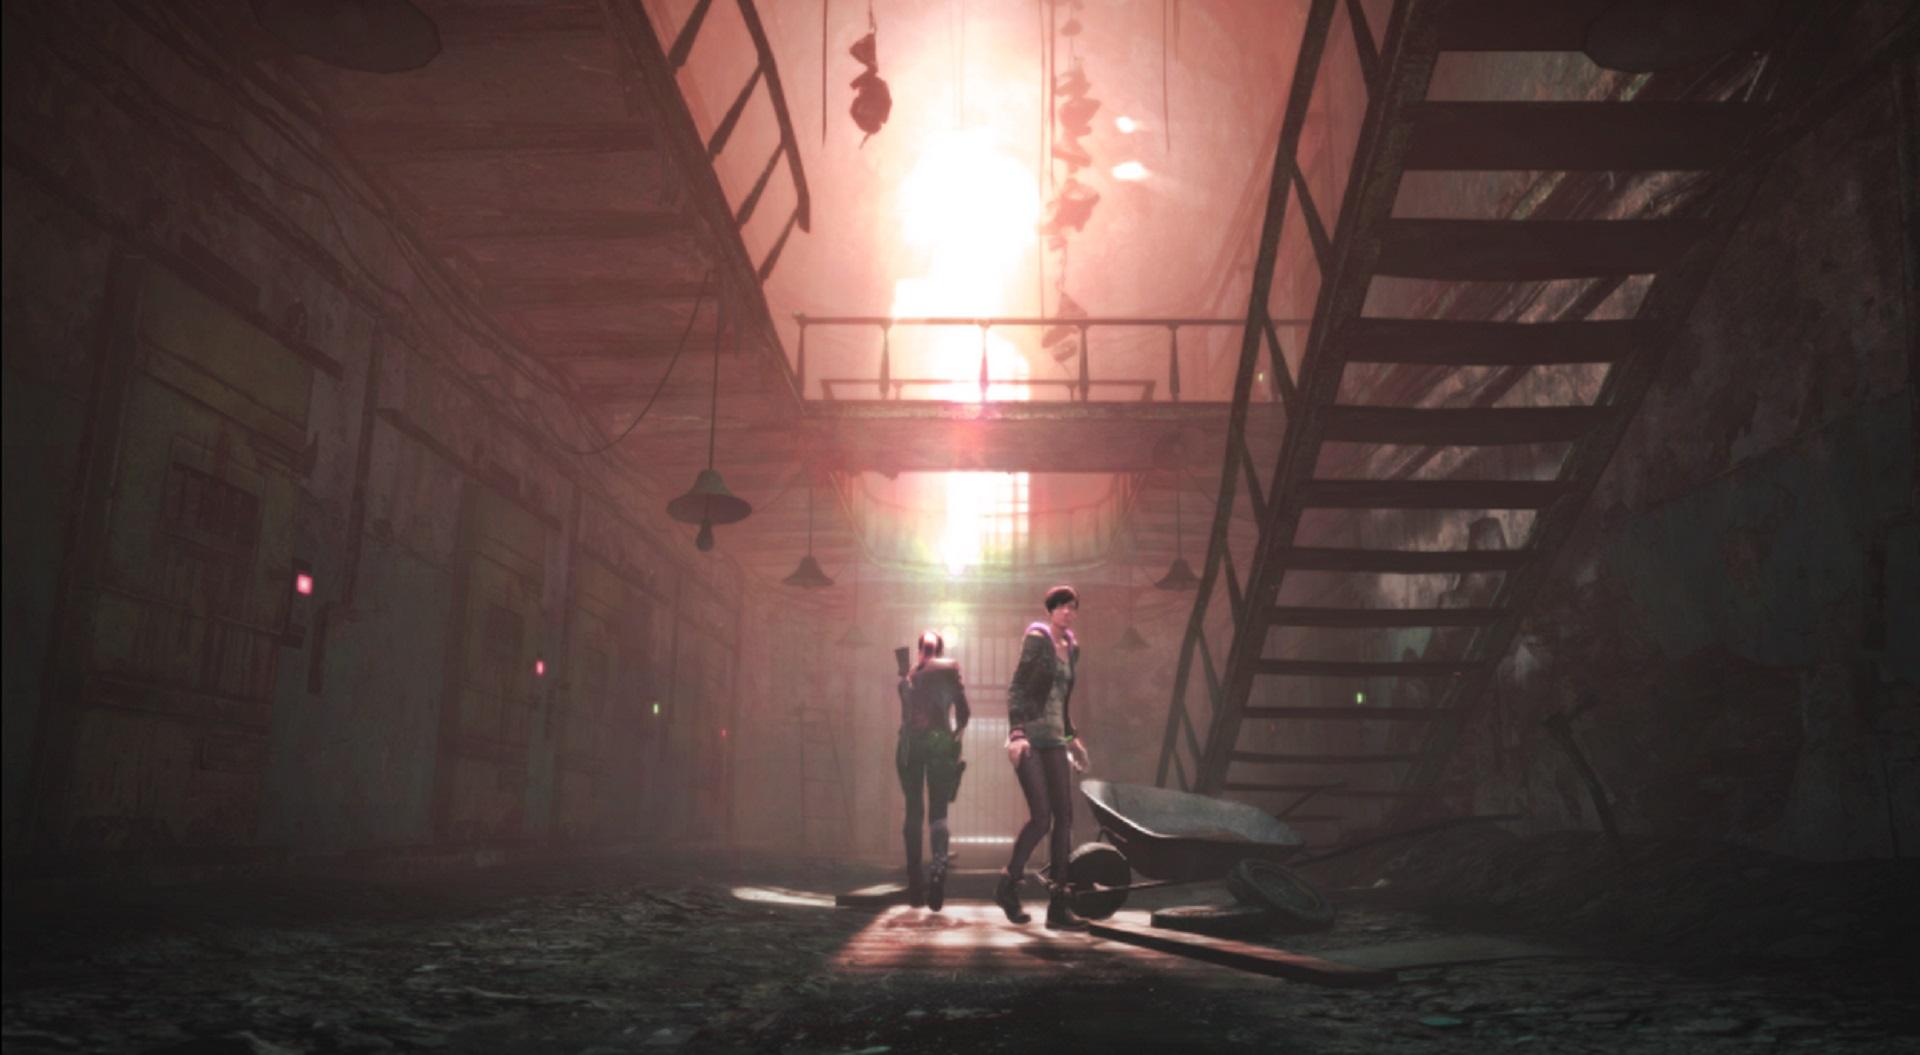 Resident Evil Revelations 2 Prison Working Concept Artwork Wallpaper